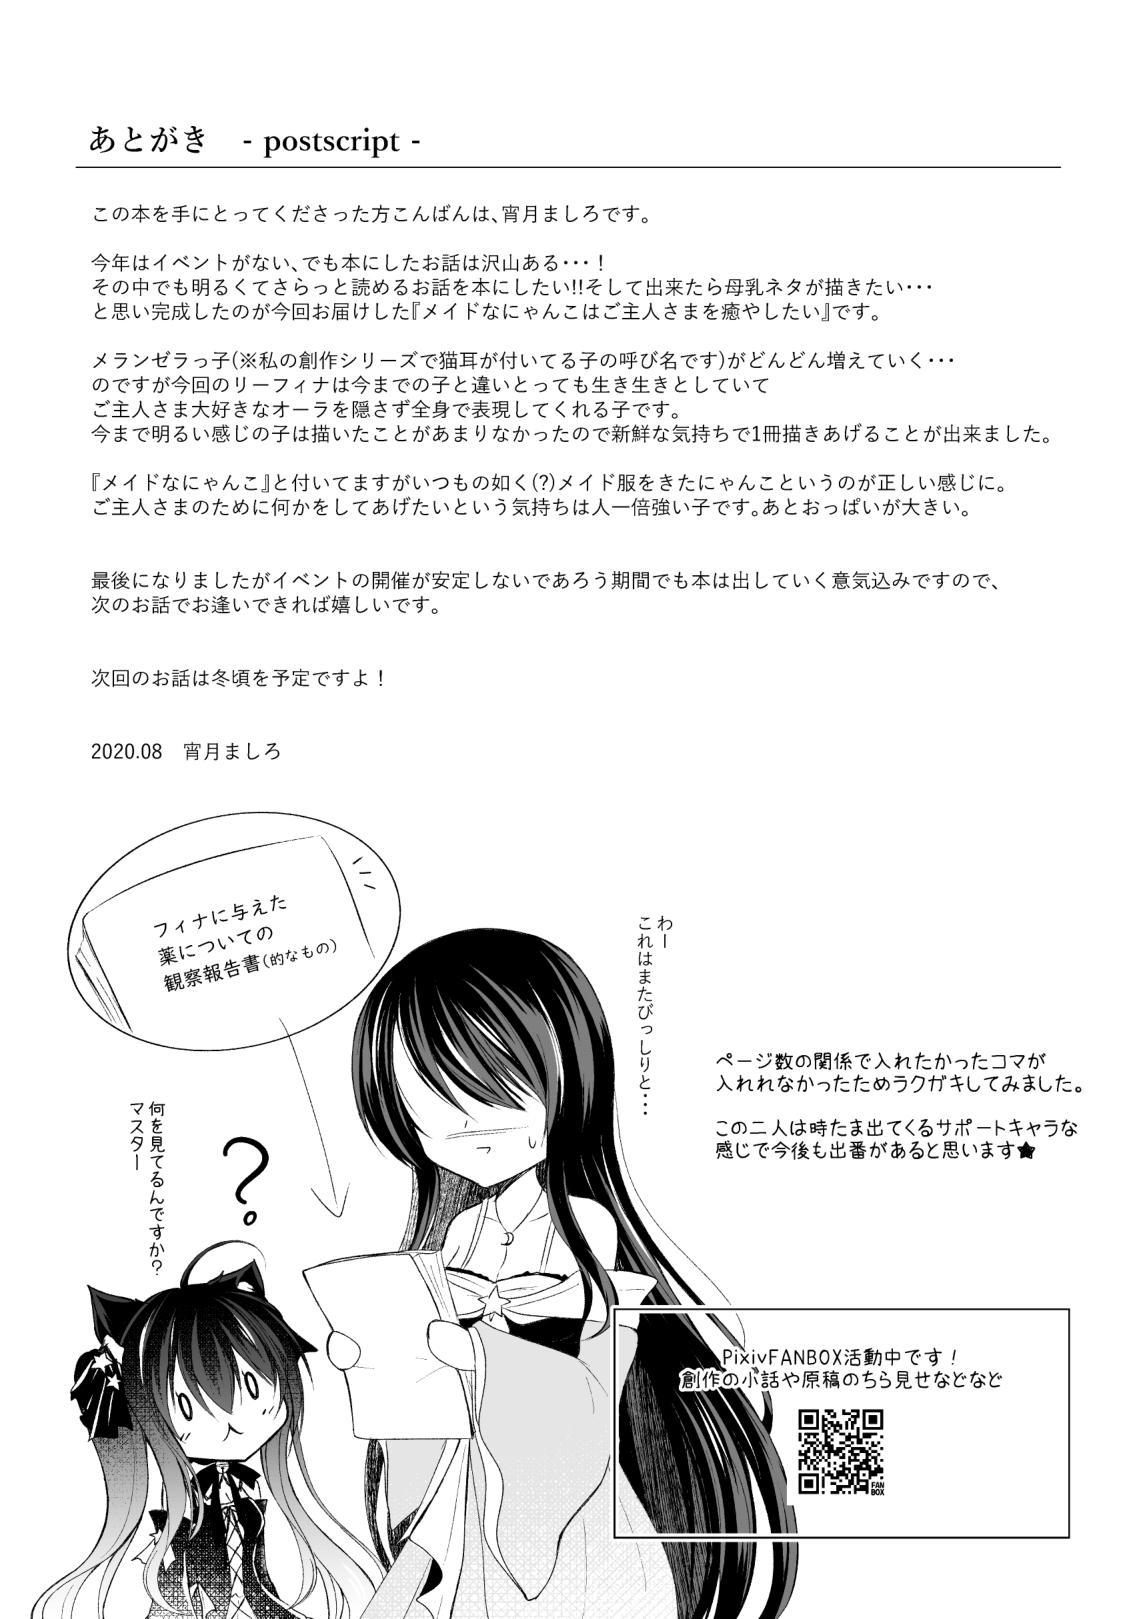 Maid na Nyanko wa Goshujin-sama o Iyashitai 20